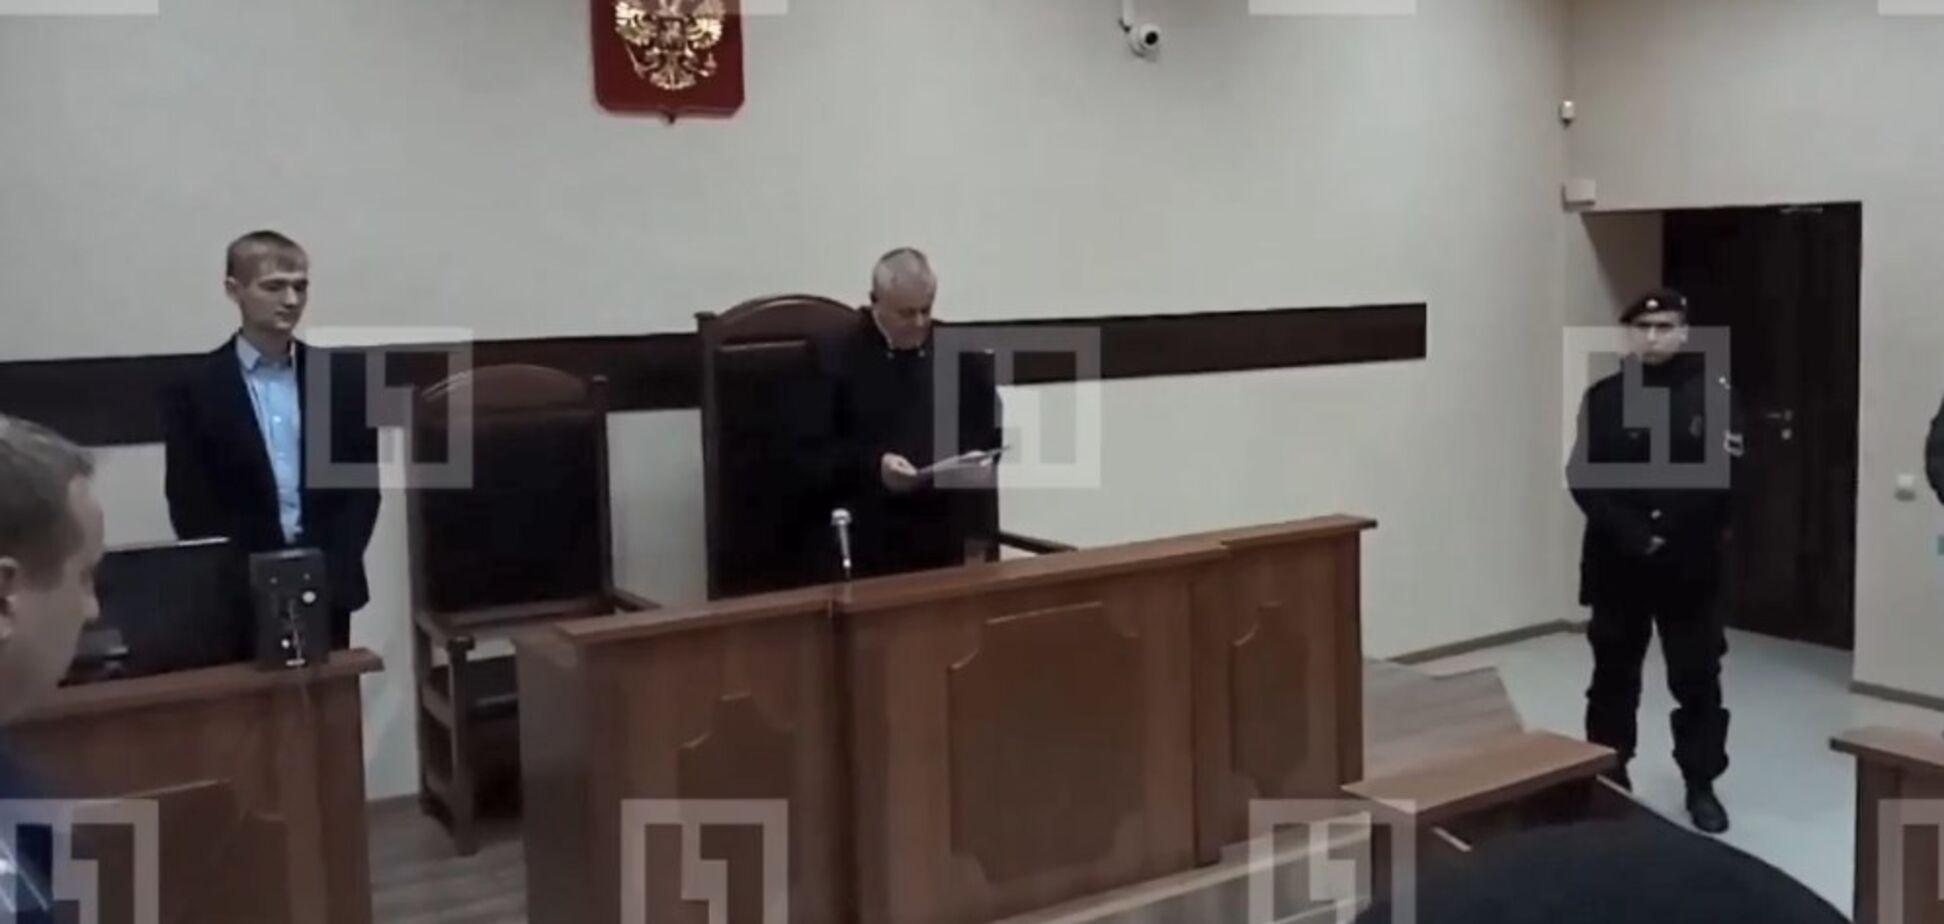 В Крыму 'арестовали' 15 пленных украинских моряков: подробности, фото и видео